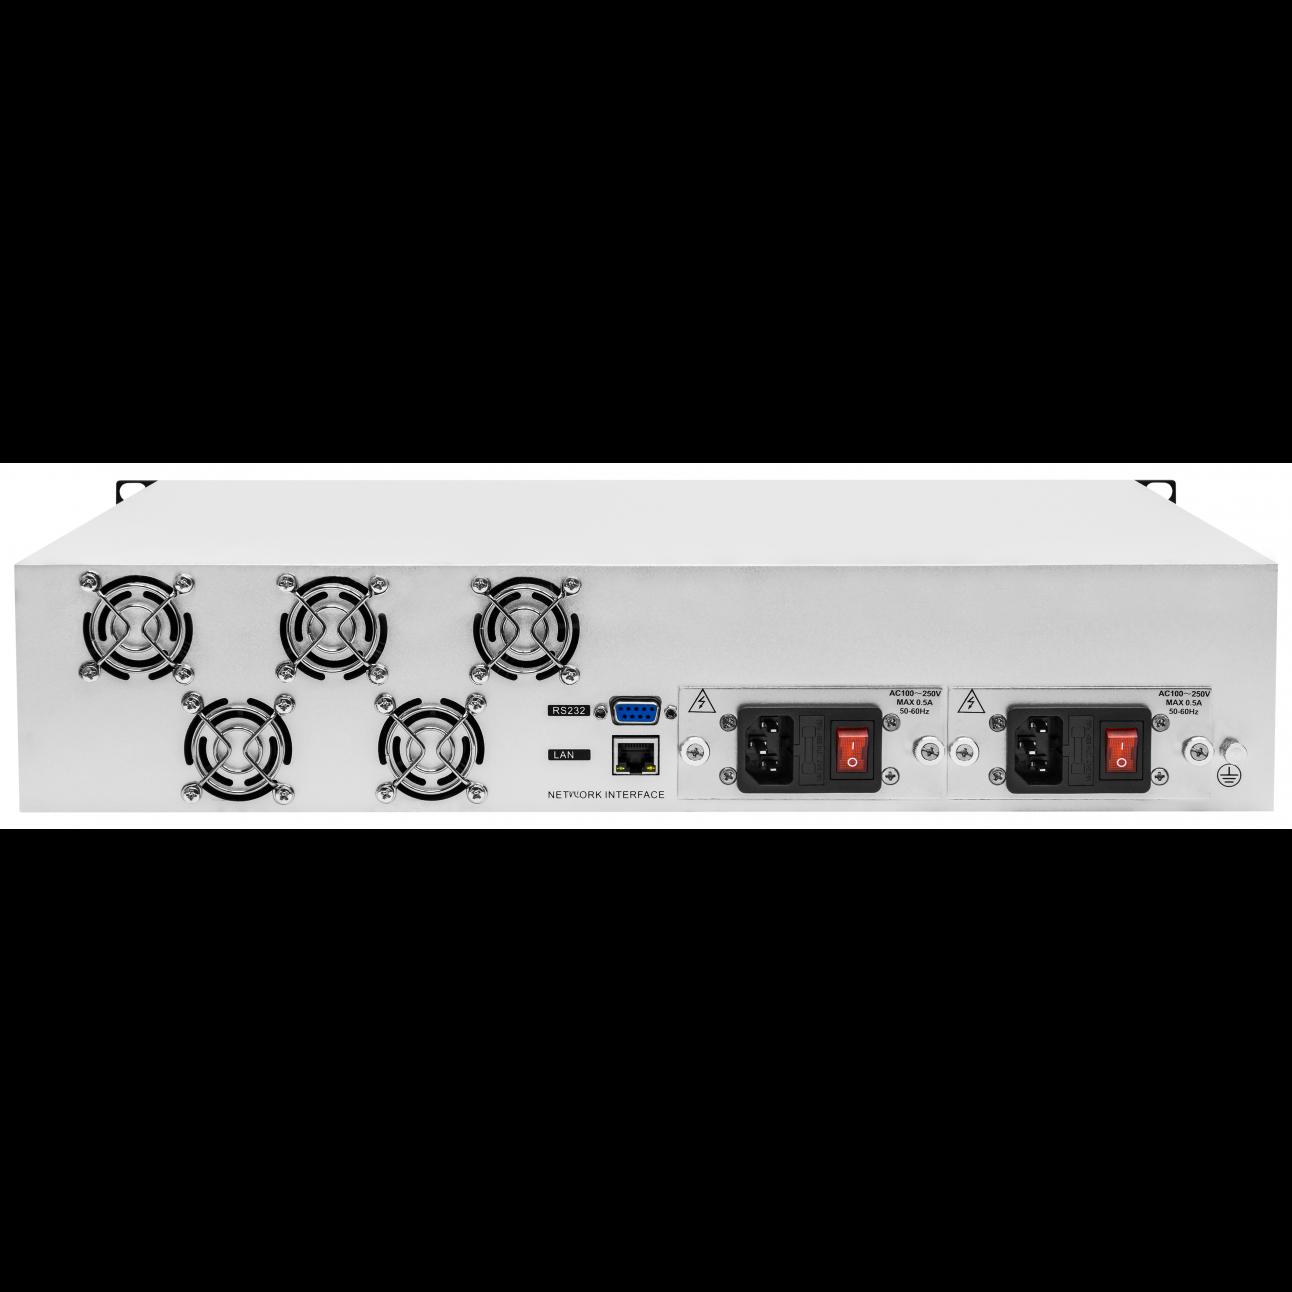 Оптический усилитель VERMAX для сетей КТВ, 2 входа, 8*24dBm выходов, WDM фильтр PON